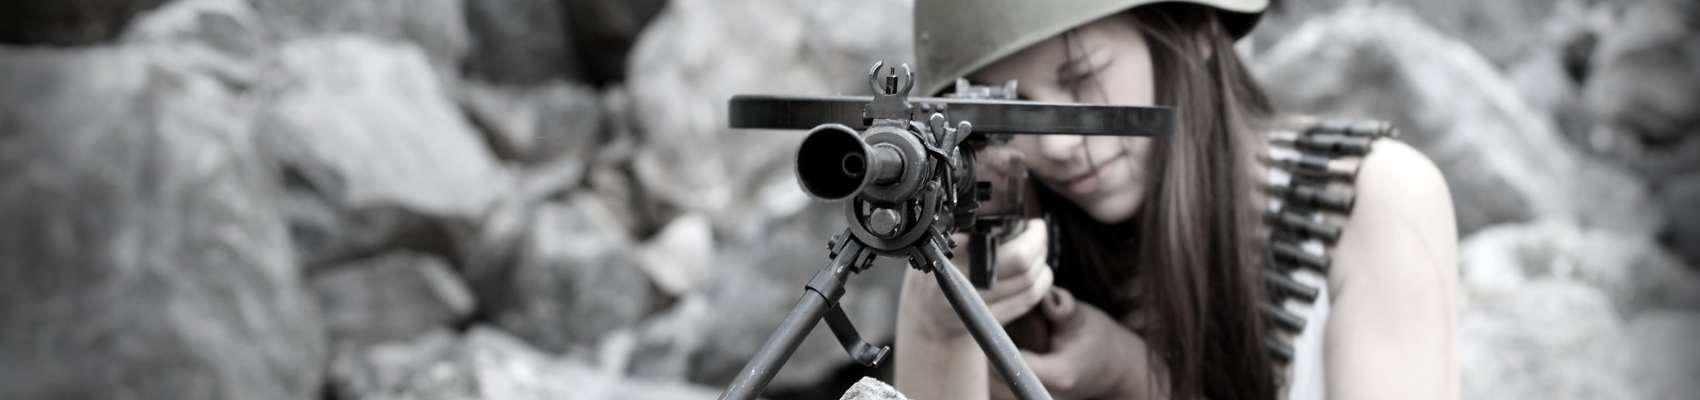 Střelba, voják, zbrojní průkaz, střelecký kurz, instruktor, obranná střelba sa.58, vz.95, Helma , AČR, výstroj, molle,OBOS.cz, obranná střelba, akční střelba, Střelba, voják, zbrojní průkaz, střelecký kurz, instruktor, obranná střelba sa.58, vz.95, Helma , AČR, výstroj, molle,OBOS.cz, obranná střelba, akční střelba